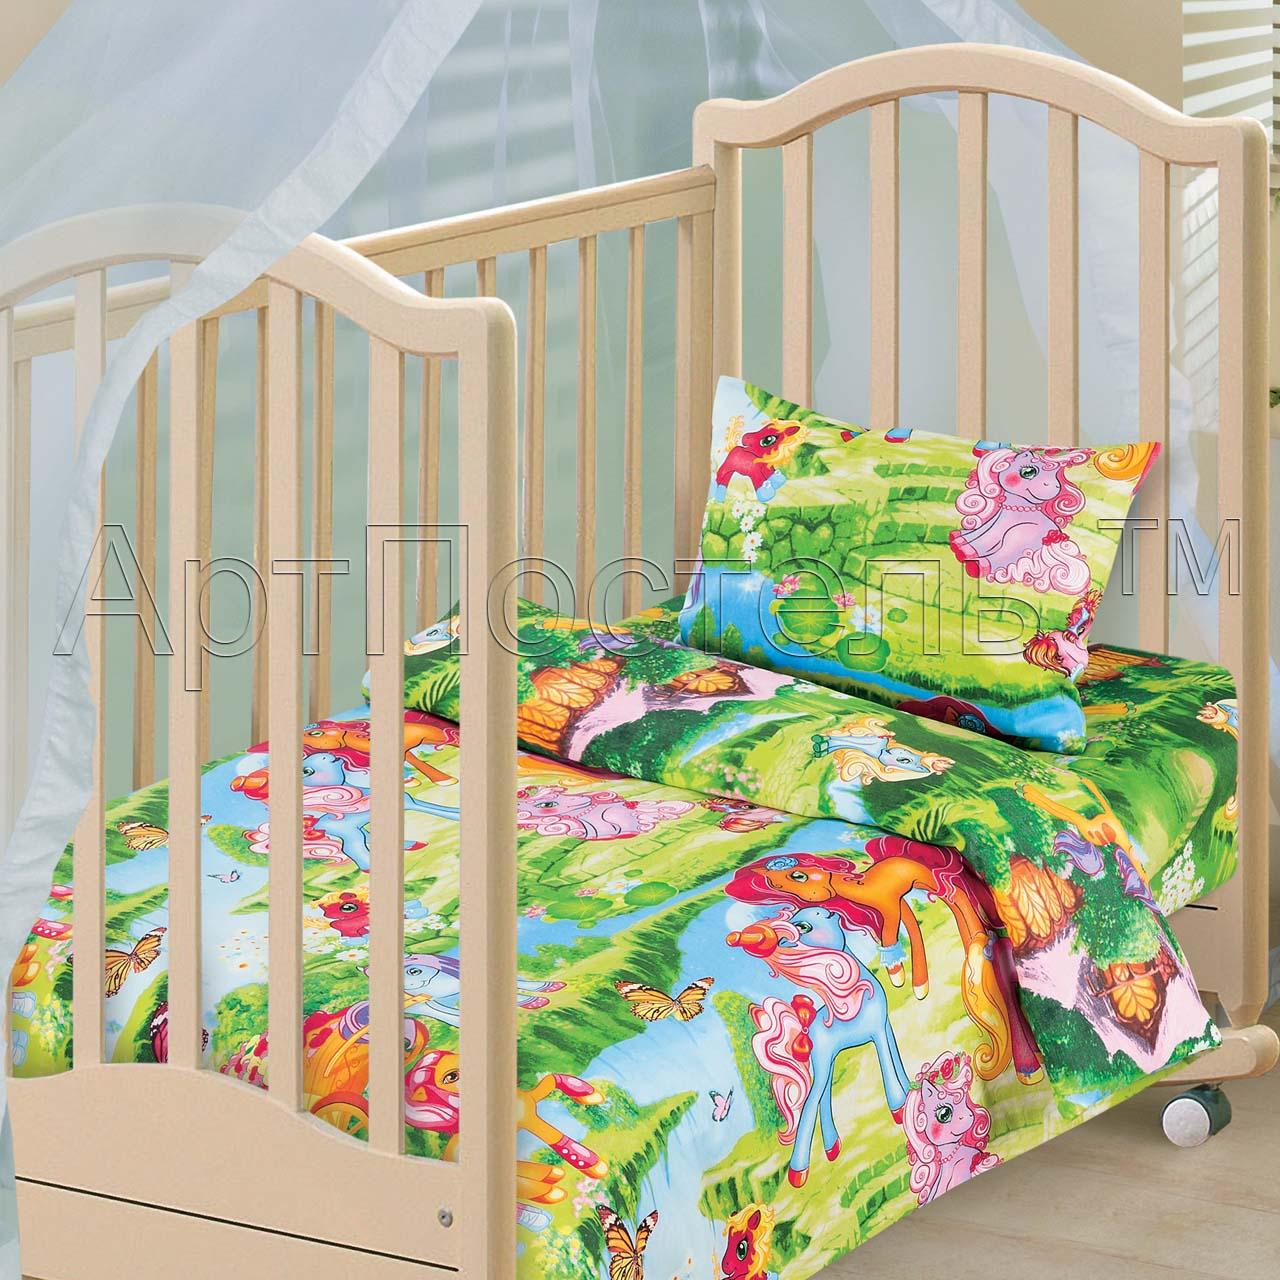 Детский комплект Волшебные сны, размер ЯсельныйДетское бязь<br>Плотность ткани:125 г/кв. м<br>Пододеяльник:147х112 см - 1 шт.<br>Простыня:150х110 см - 1 шт.<br>Наволочка:40х60 см - 1 шт.<br><br>Тип: КПБ<br>Размер: Ясельный<br>Материал: Бязь